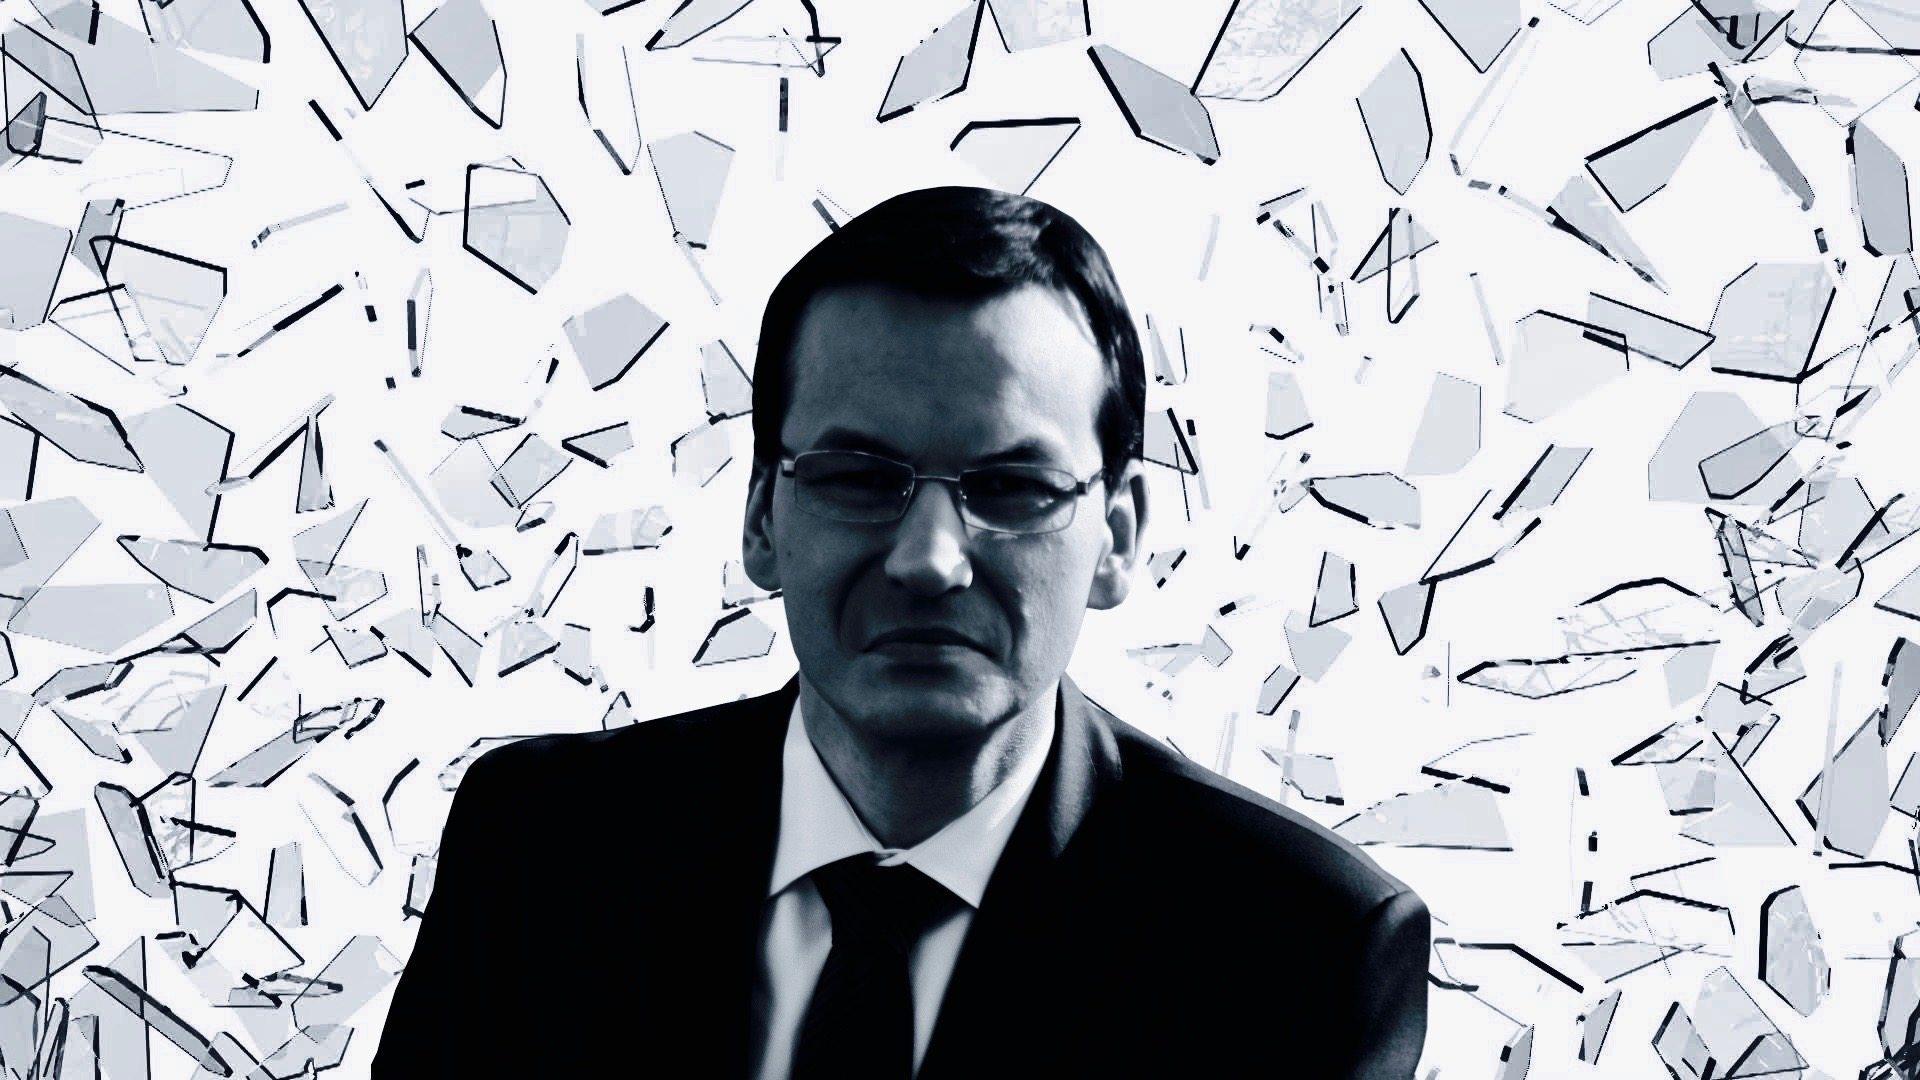 Morawiecki brutalnie uderza w polskie rodziny! Finansowy horror